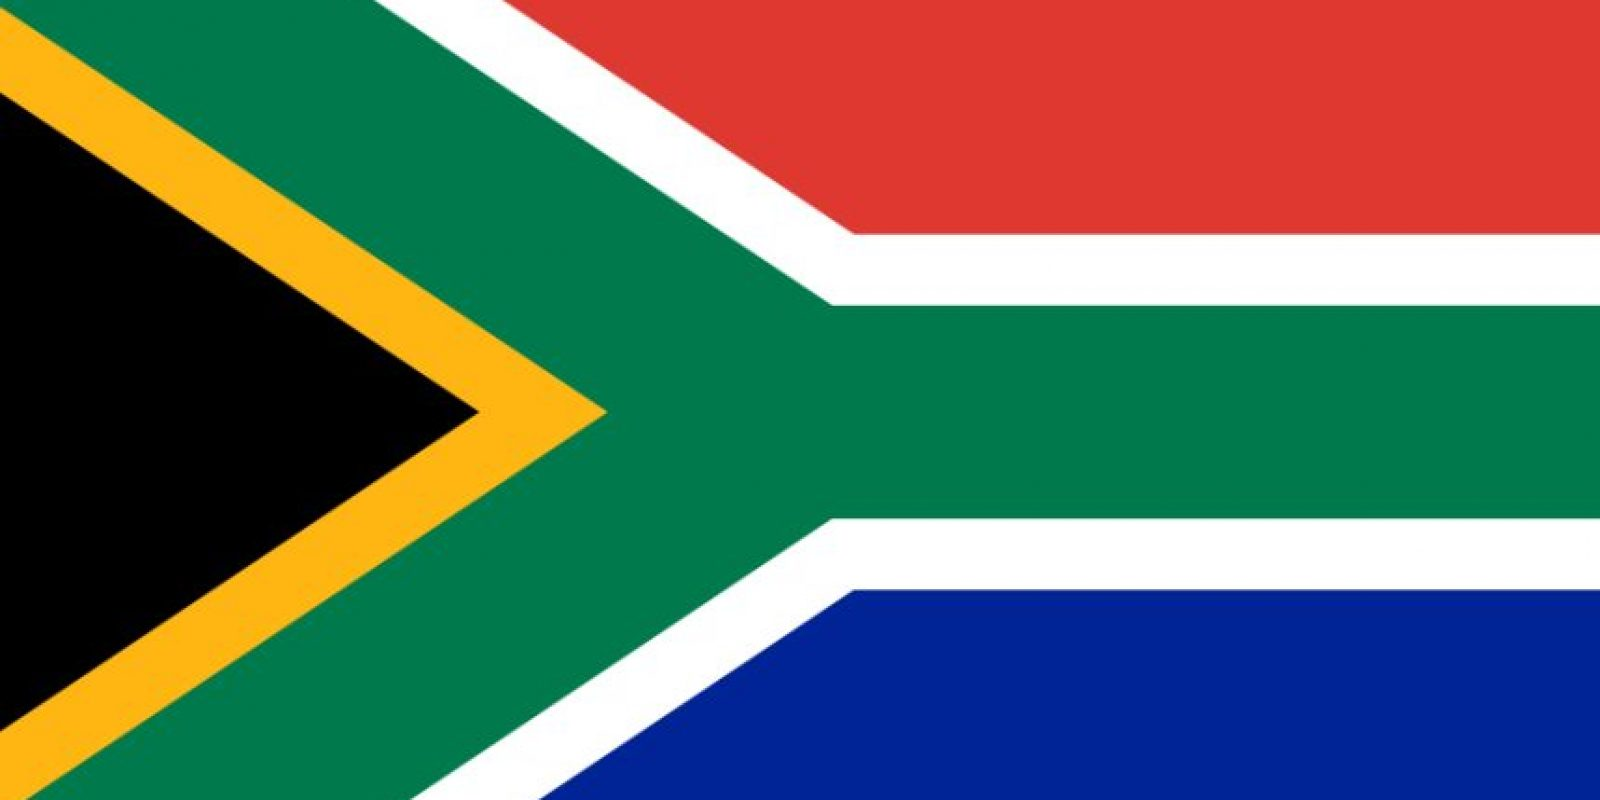 Sudáfrica. Conductores de Uber han sido hostigados e intimidados, por lo que la plataforma adoptó medidas de seguridad para protegerlos en rutas riesgosas.